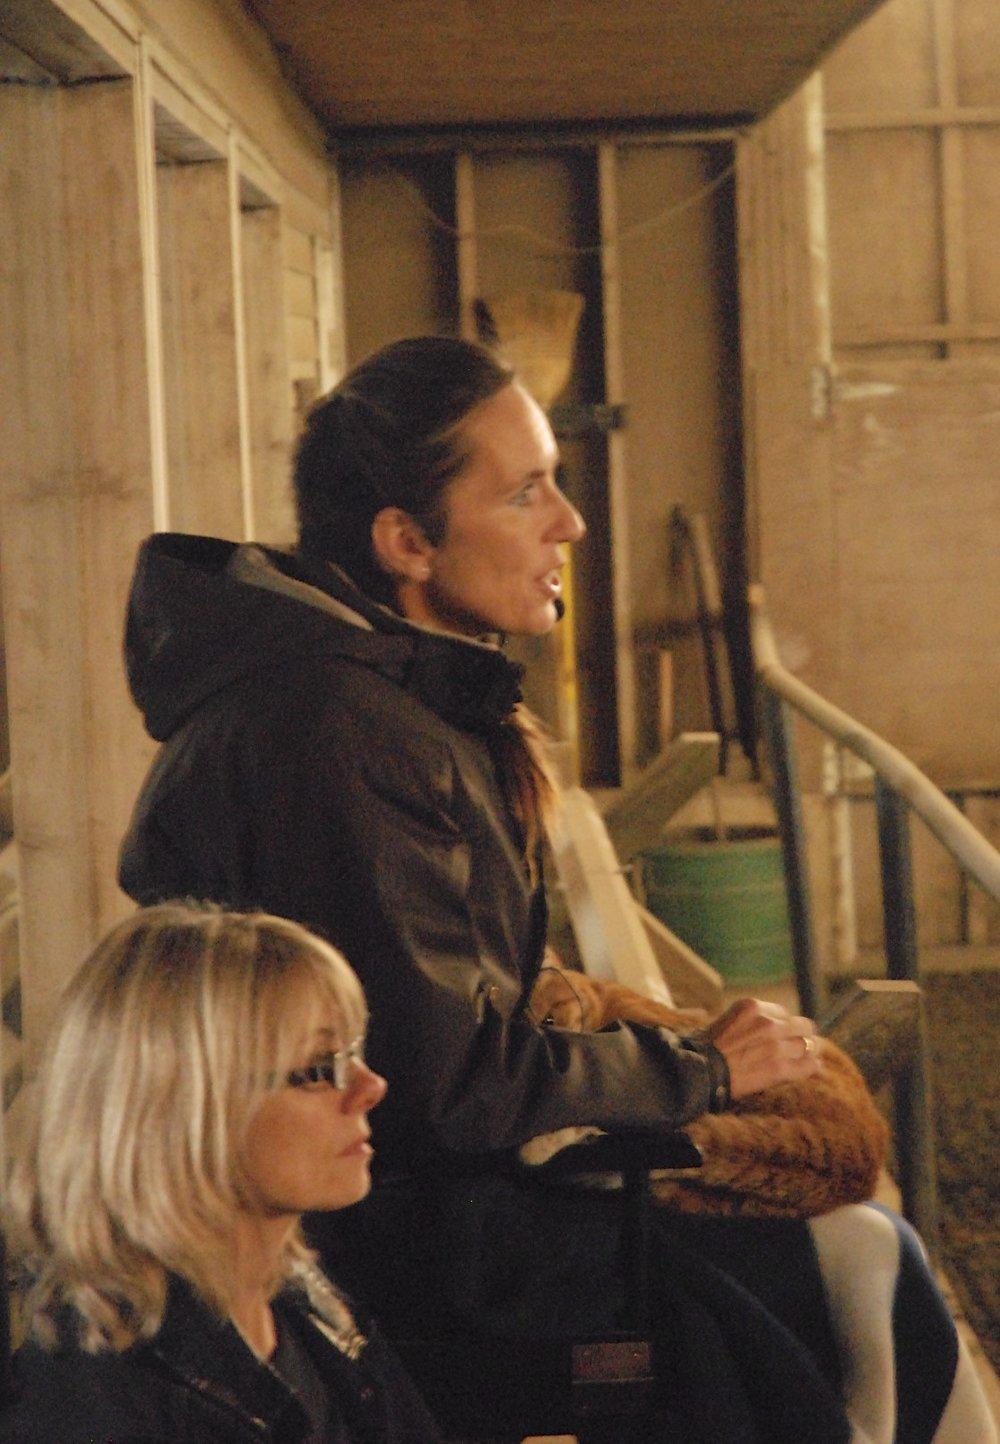 Susanne in 2008